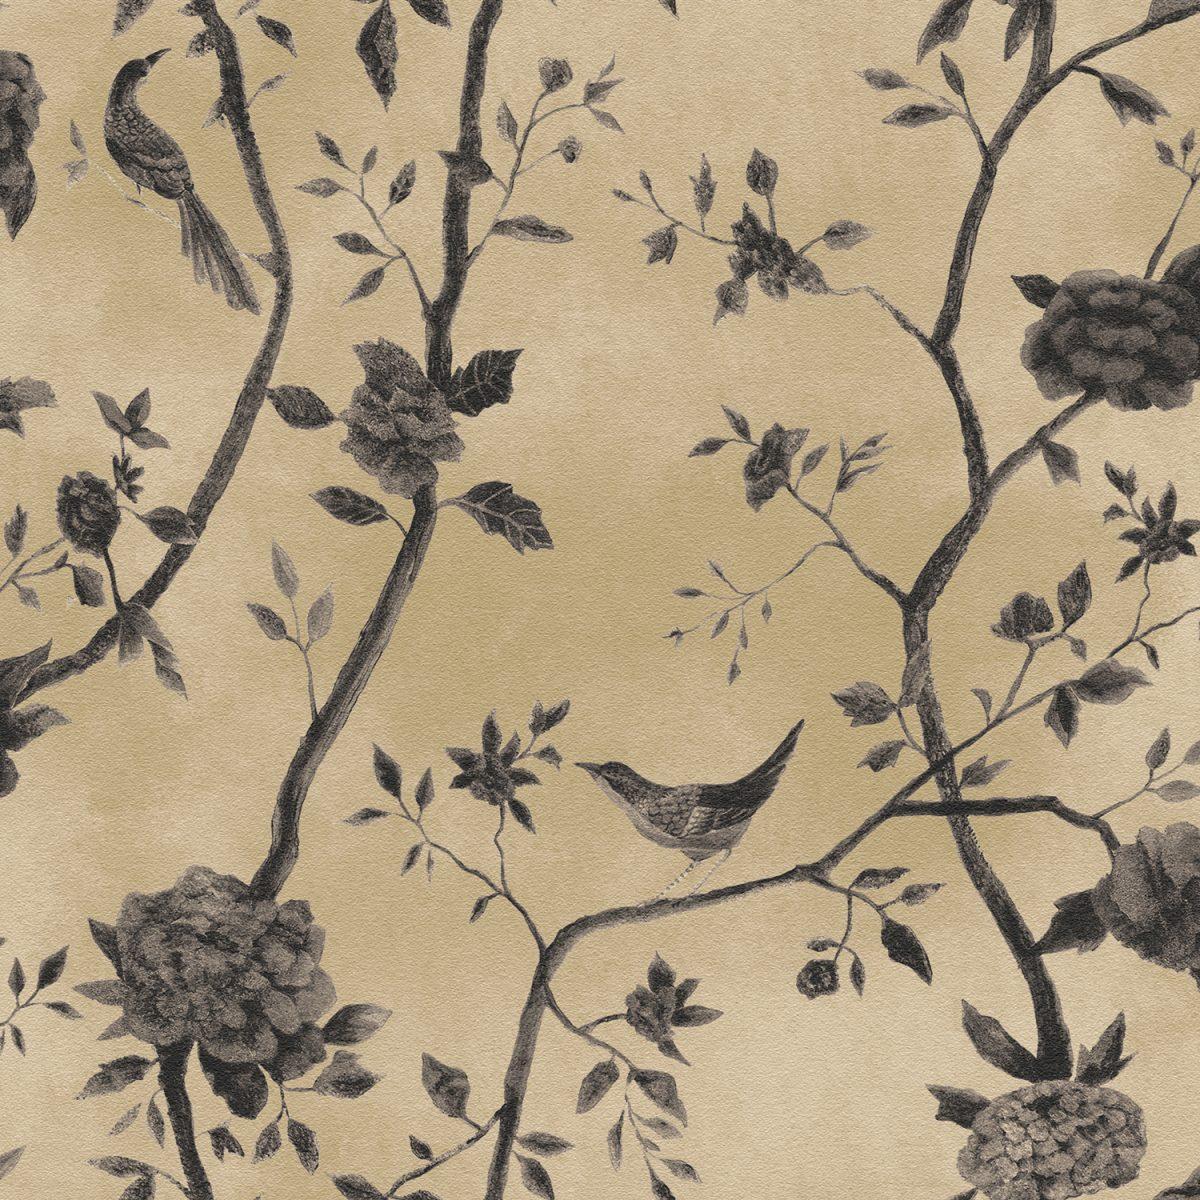 Papel de parede floral  com passaros vinílico Natural